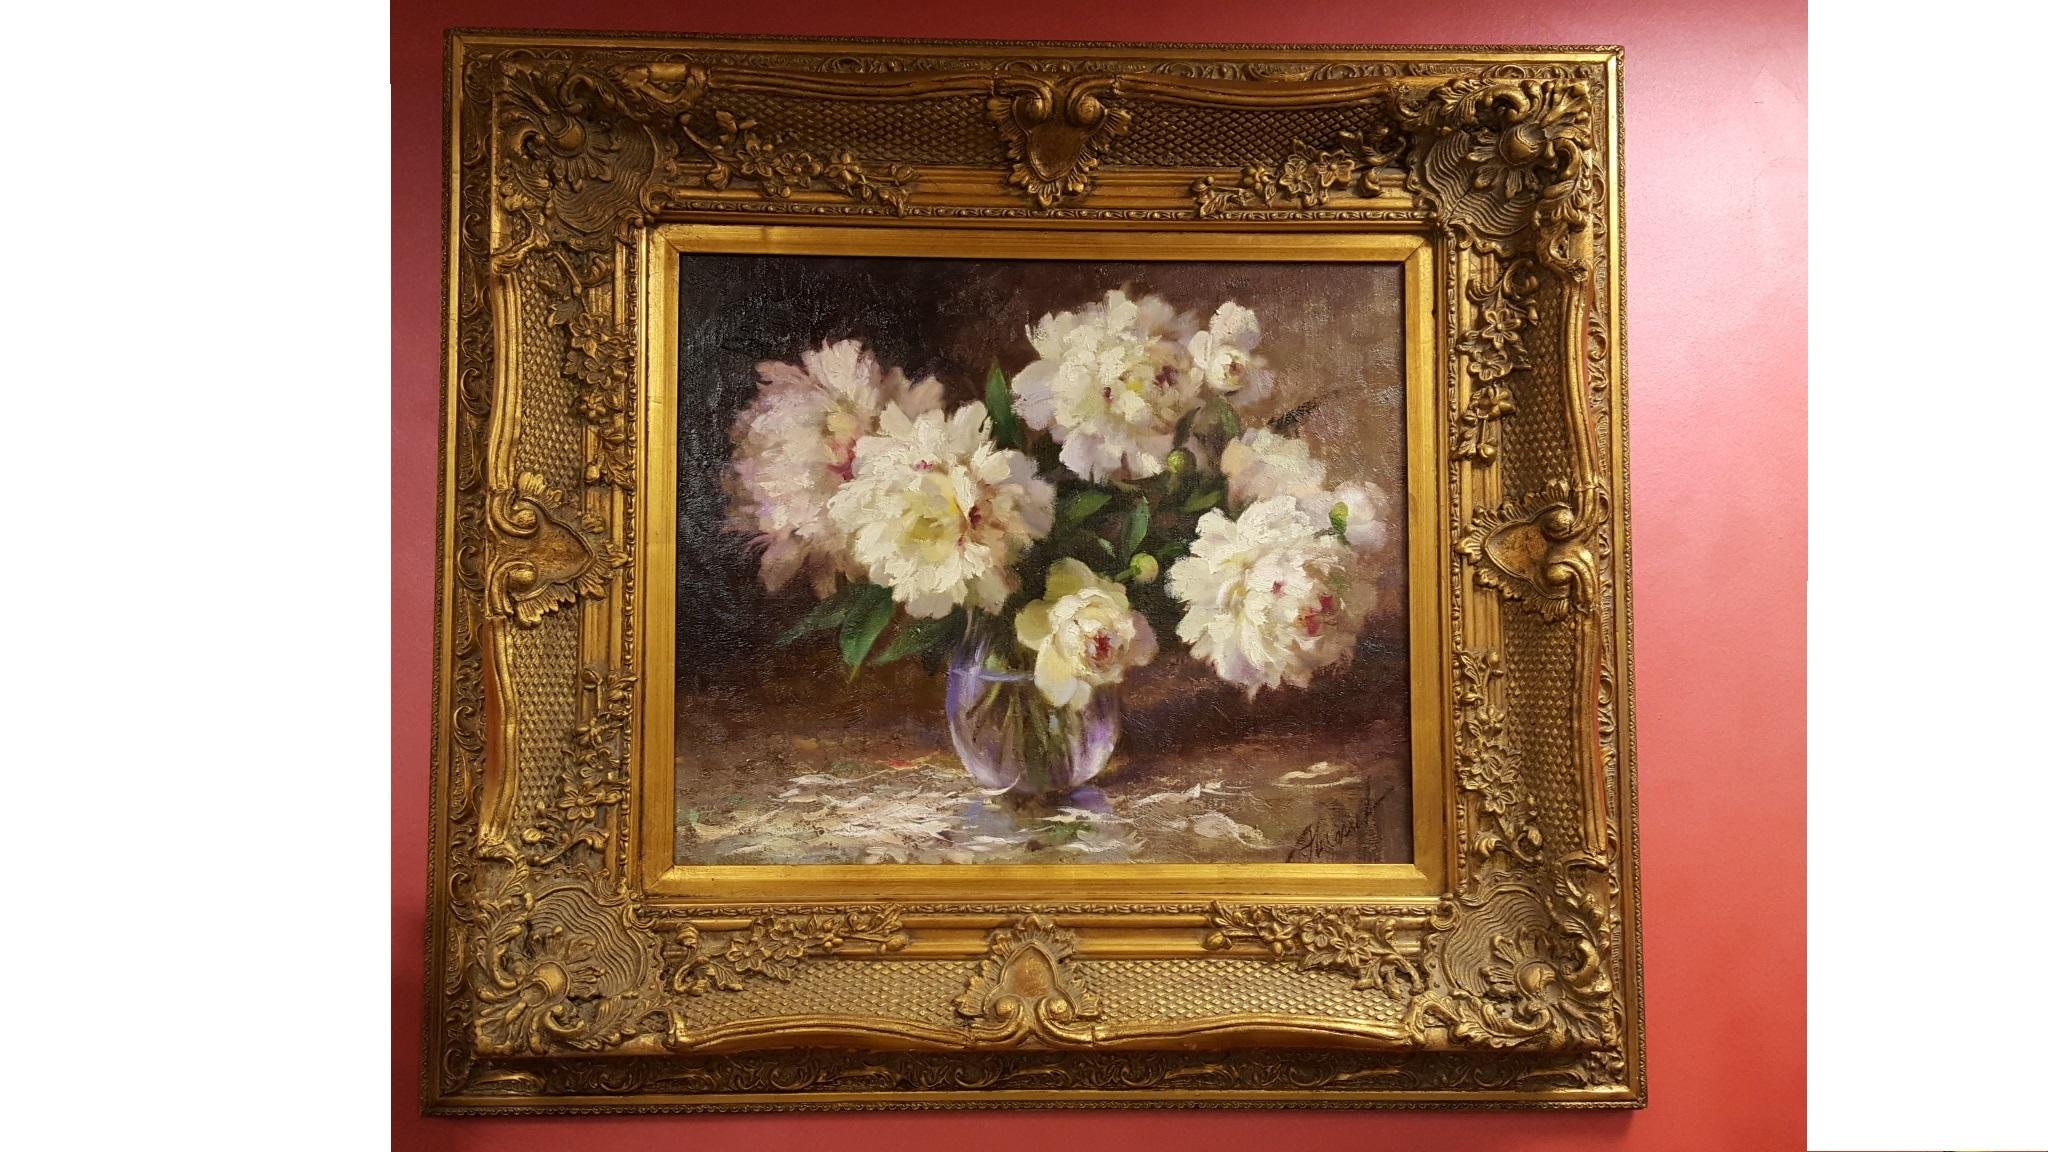 Цветы в раме фото картины